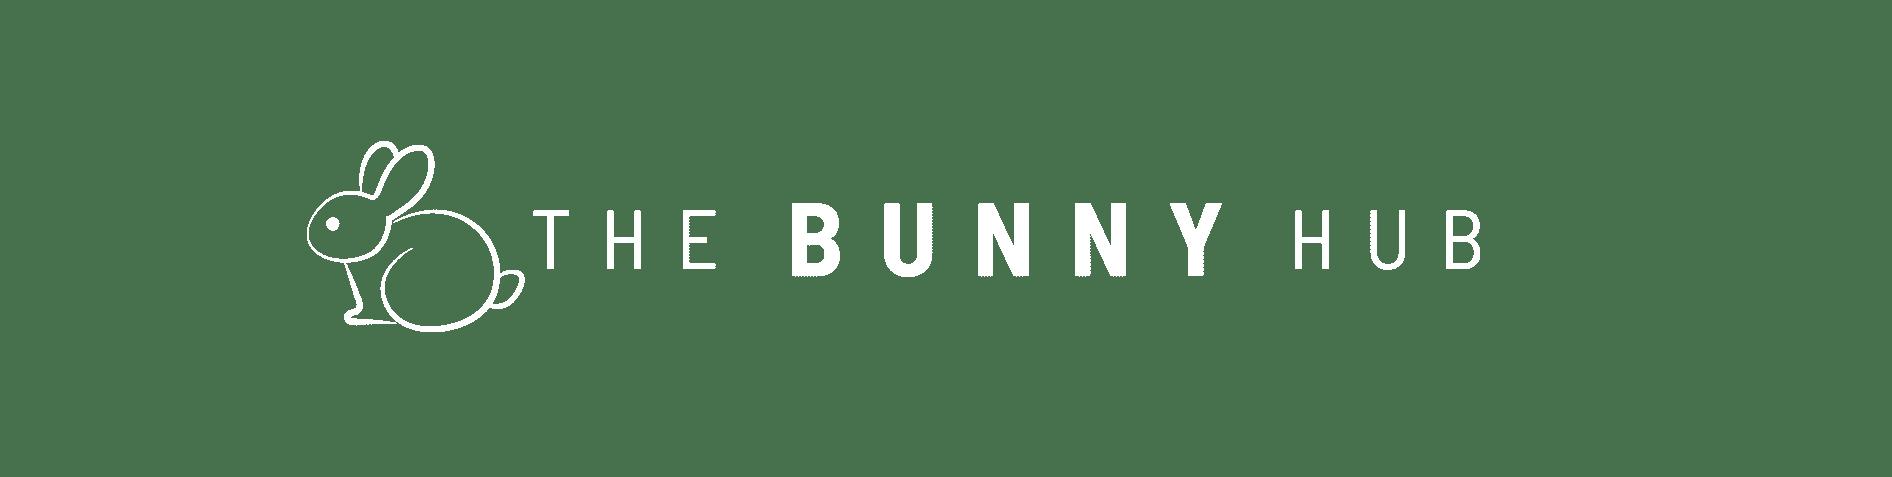 bunny hub logo